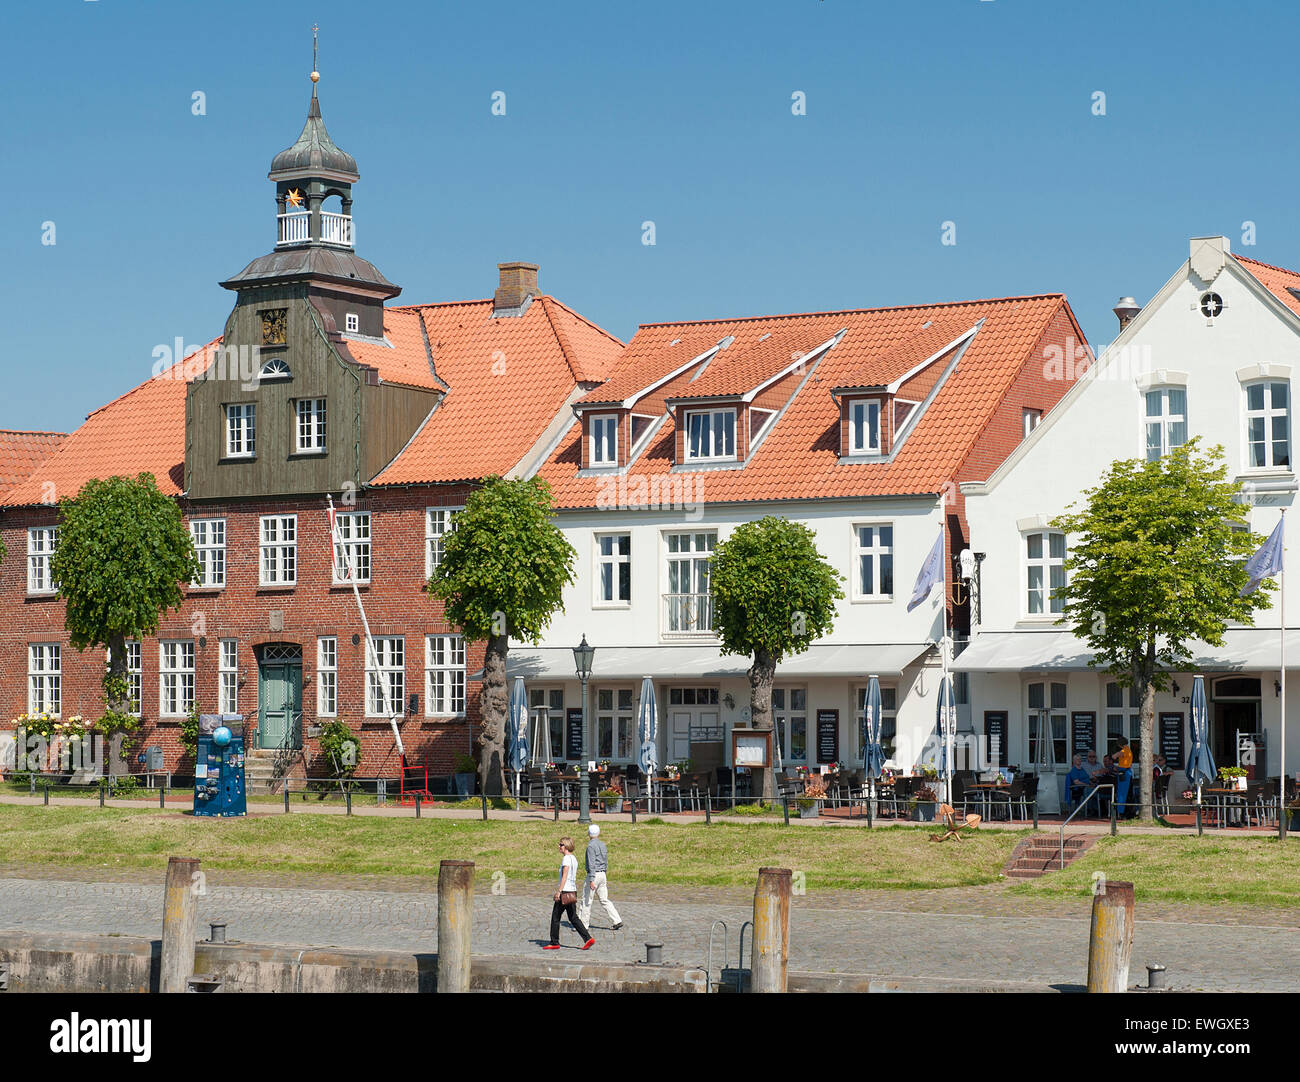 Historische Häuser schmücken den Kais von Tönning, ein kleiner Hafen ...